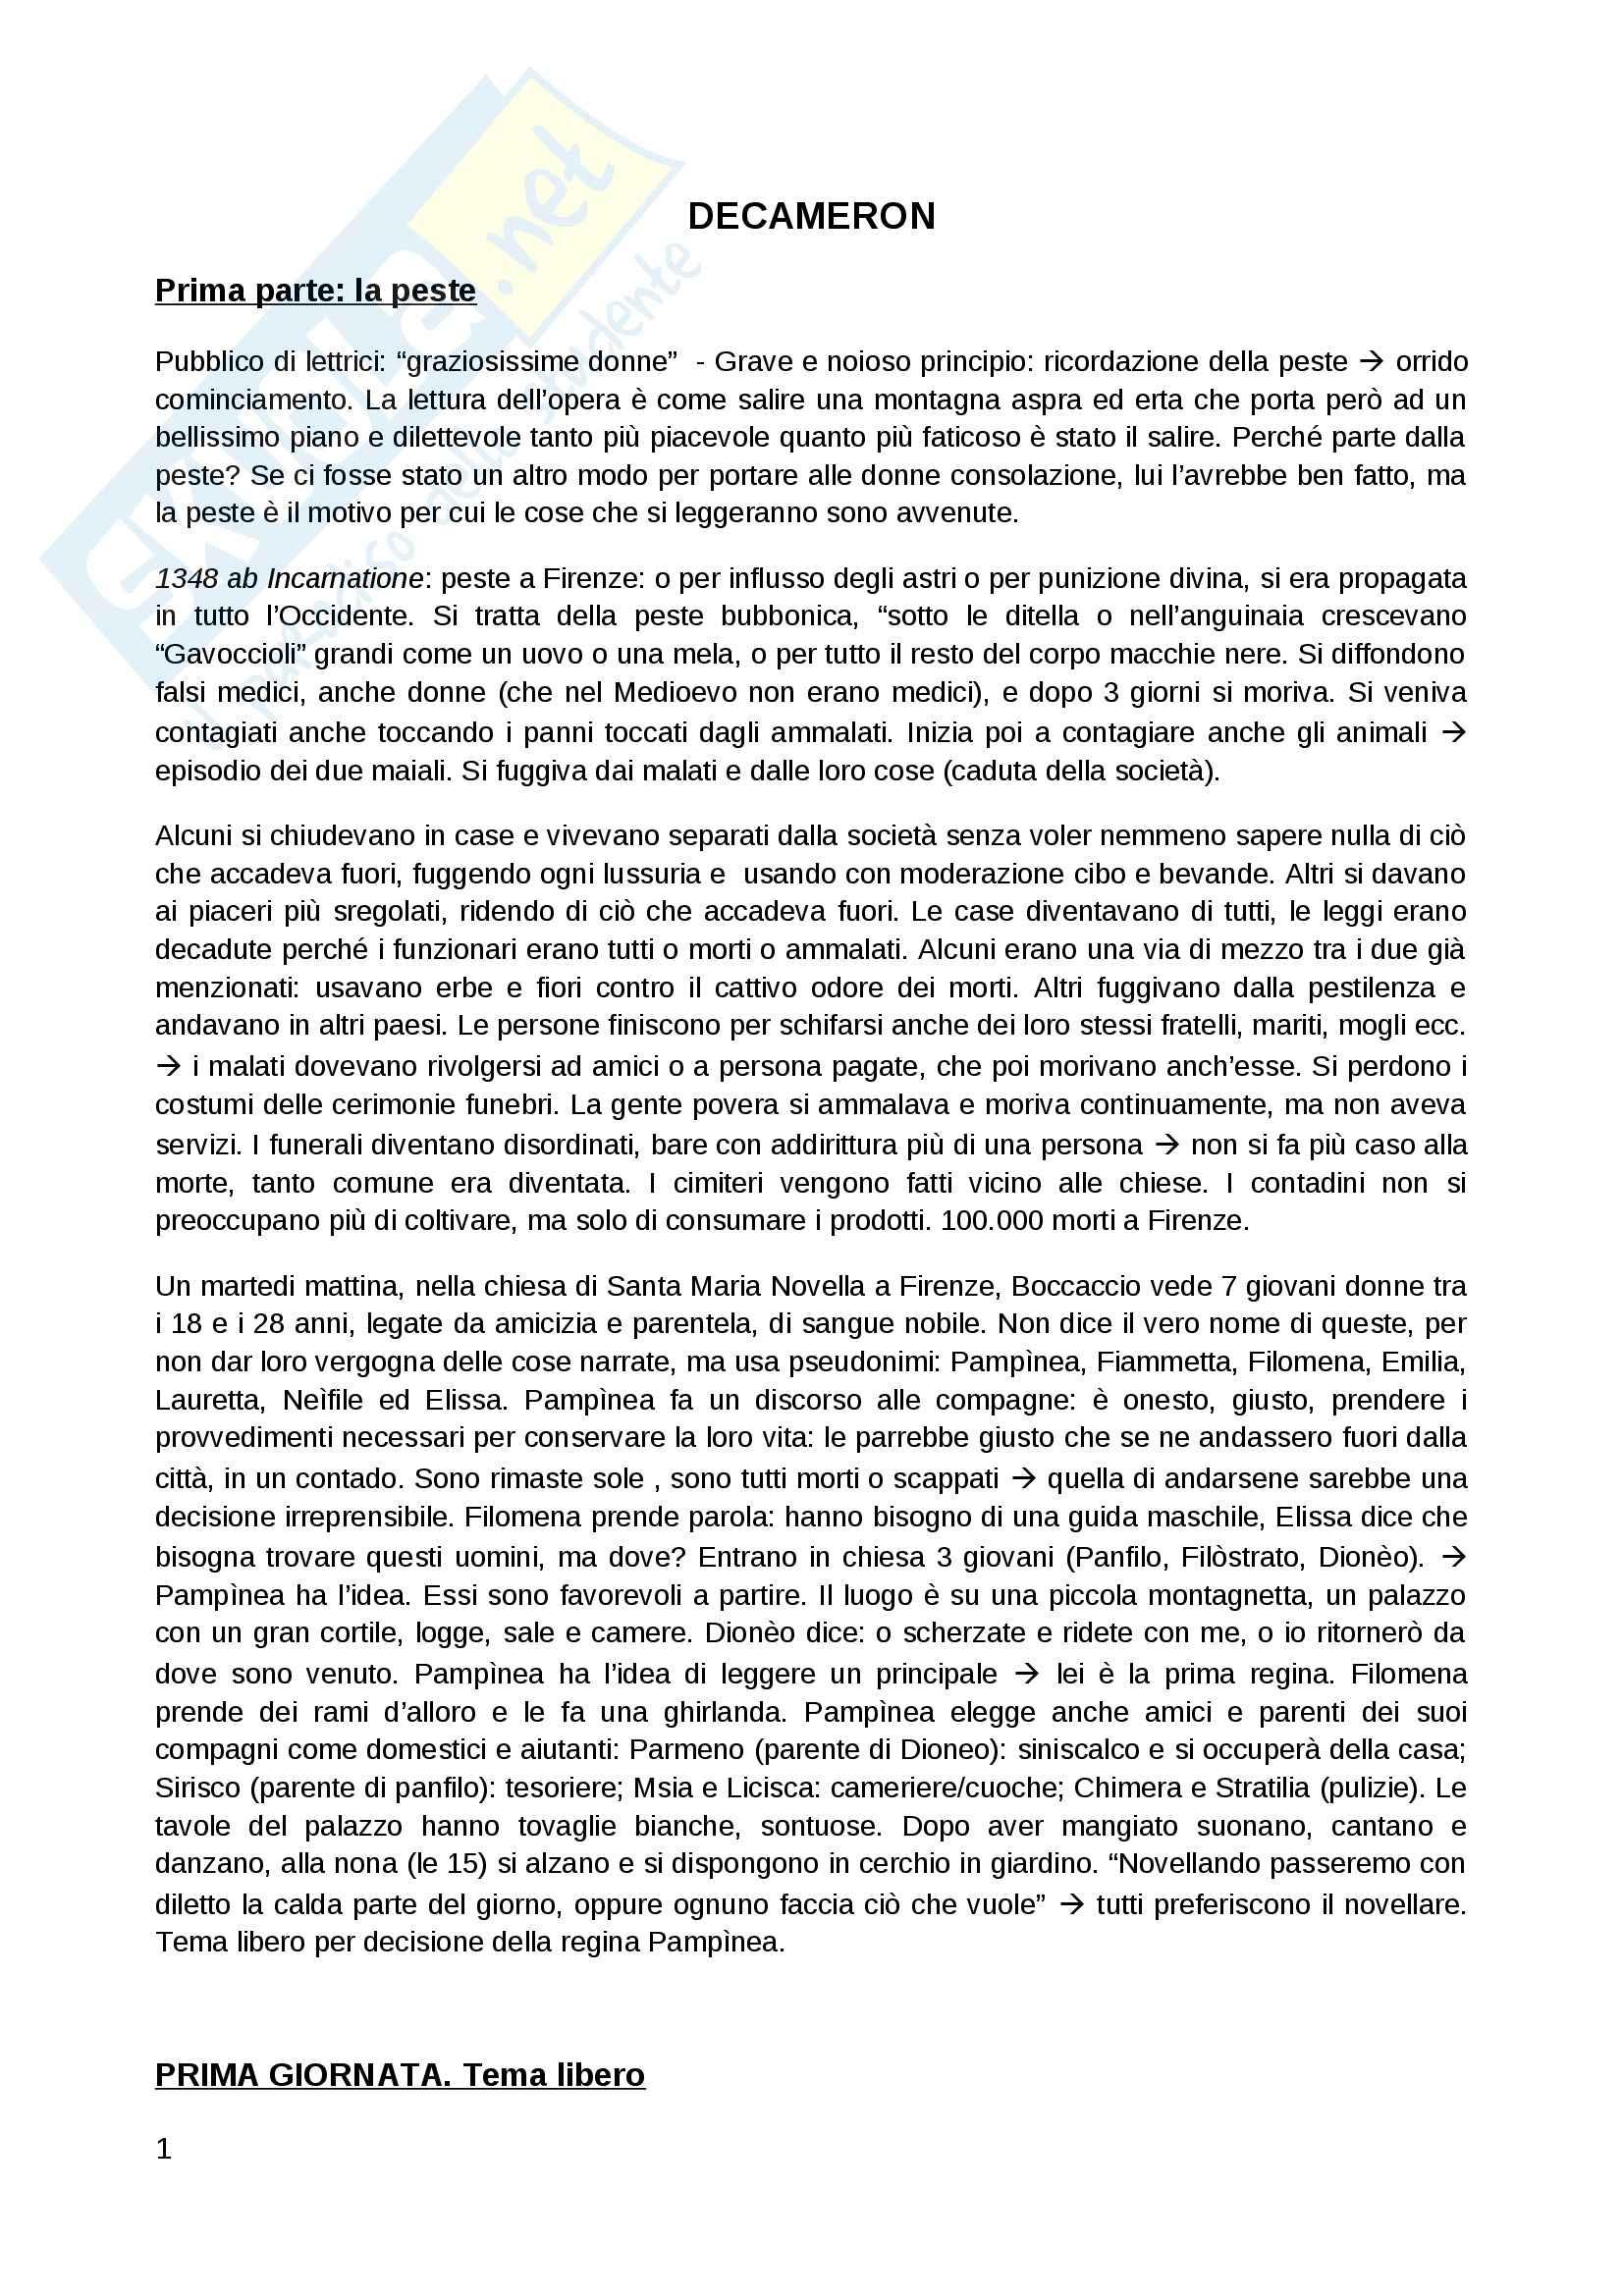 Decameron di Boccaccio - Riassunto novella per novella, prof. Viola